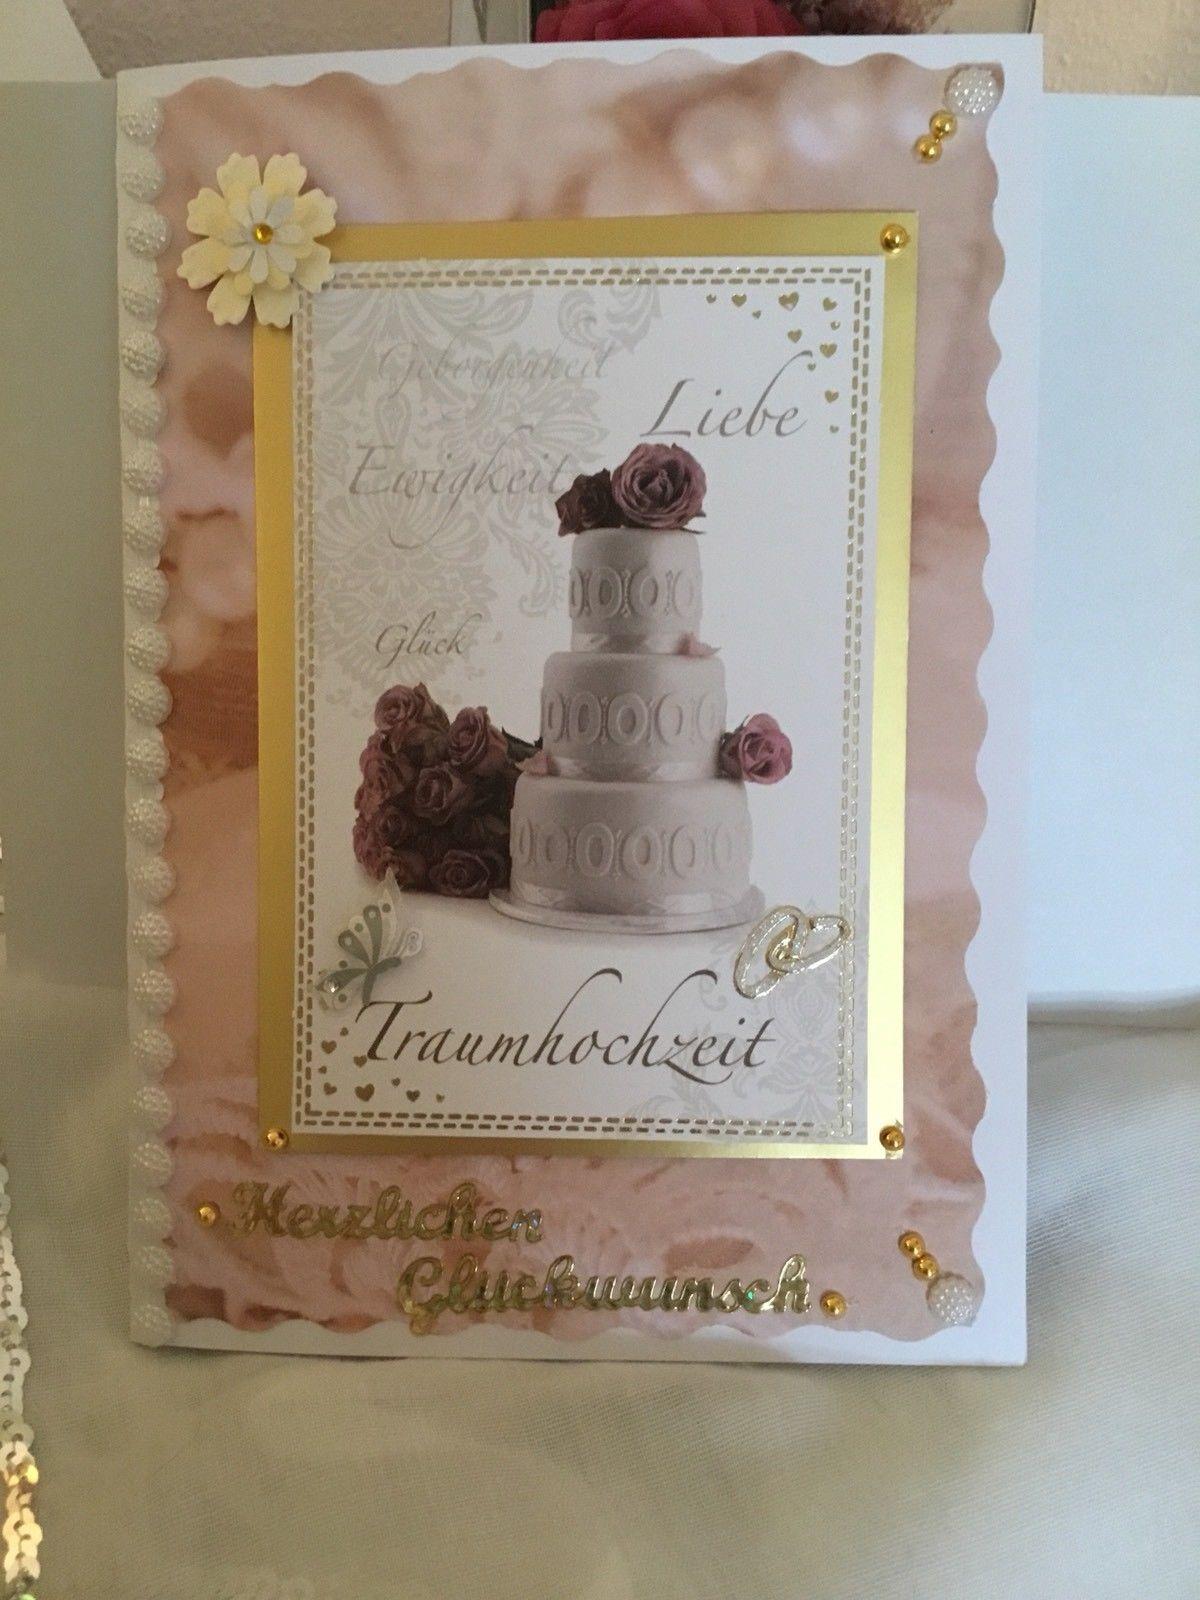 3d Grusskarte Gluckwunsch Karte Zur Hochzeit Edle Handarbeit Karte Hochzeit Geburtstagskarte Gluckwunschkarte